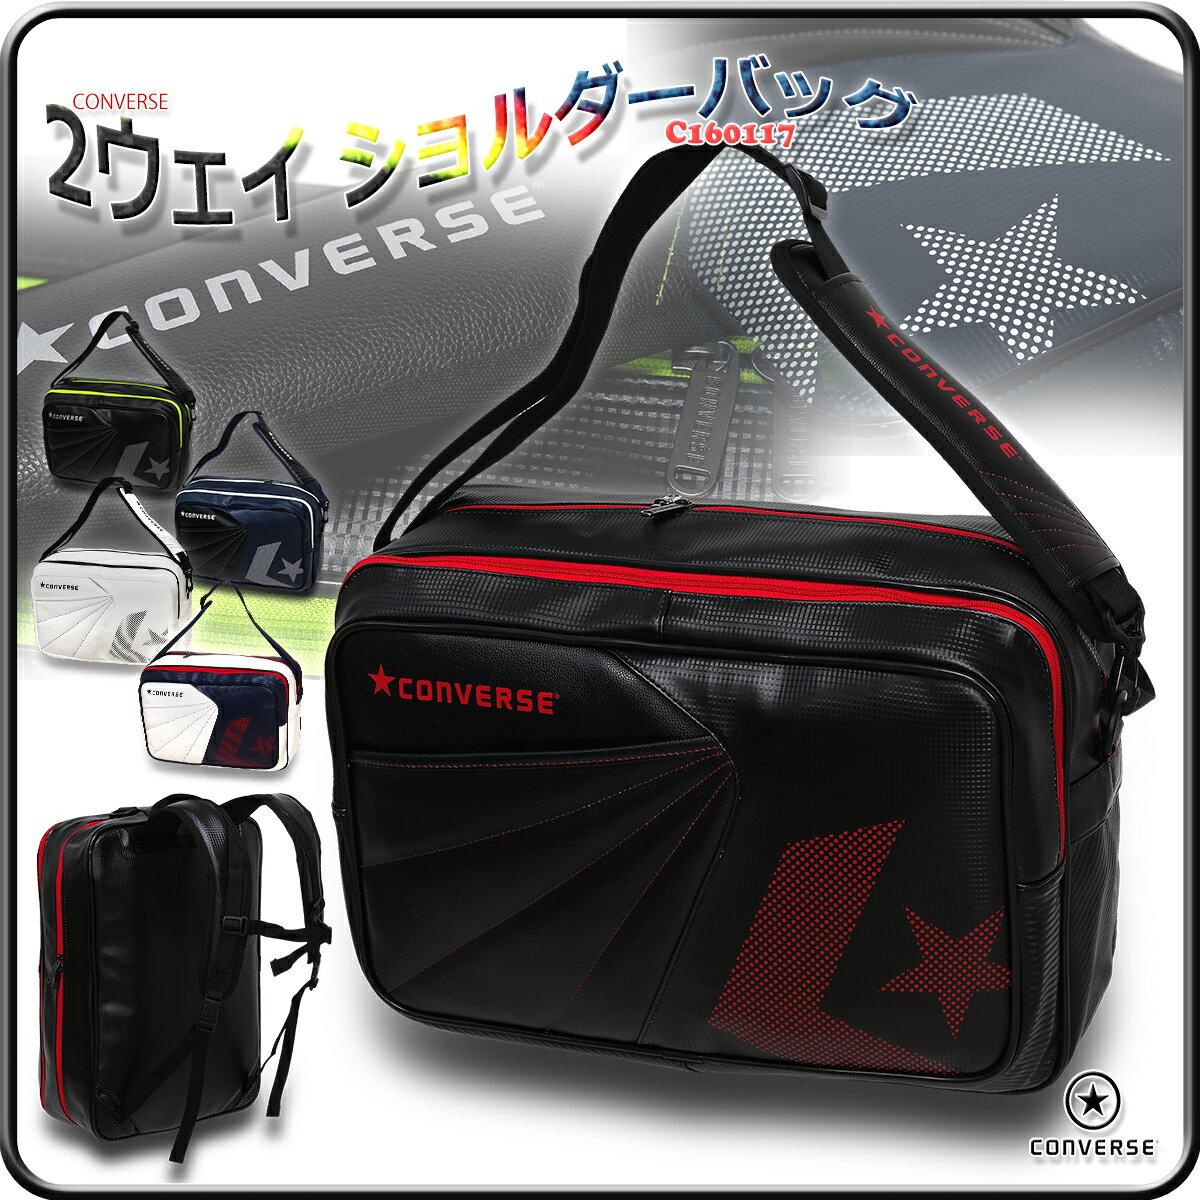 エナメルバッグ 通学バッグ エナメルショルダーバッグ 学生バッグ スクールバッグ スポーツバッグ/コンバース CONVERSE 2ウェイ ショルダーバッグ C160117